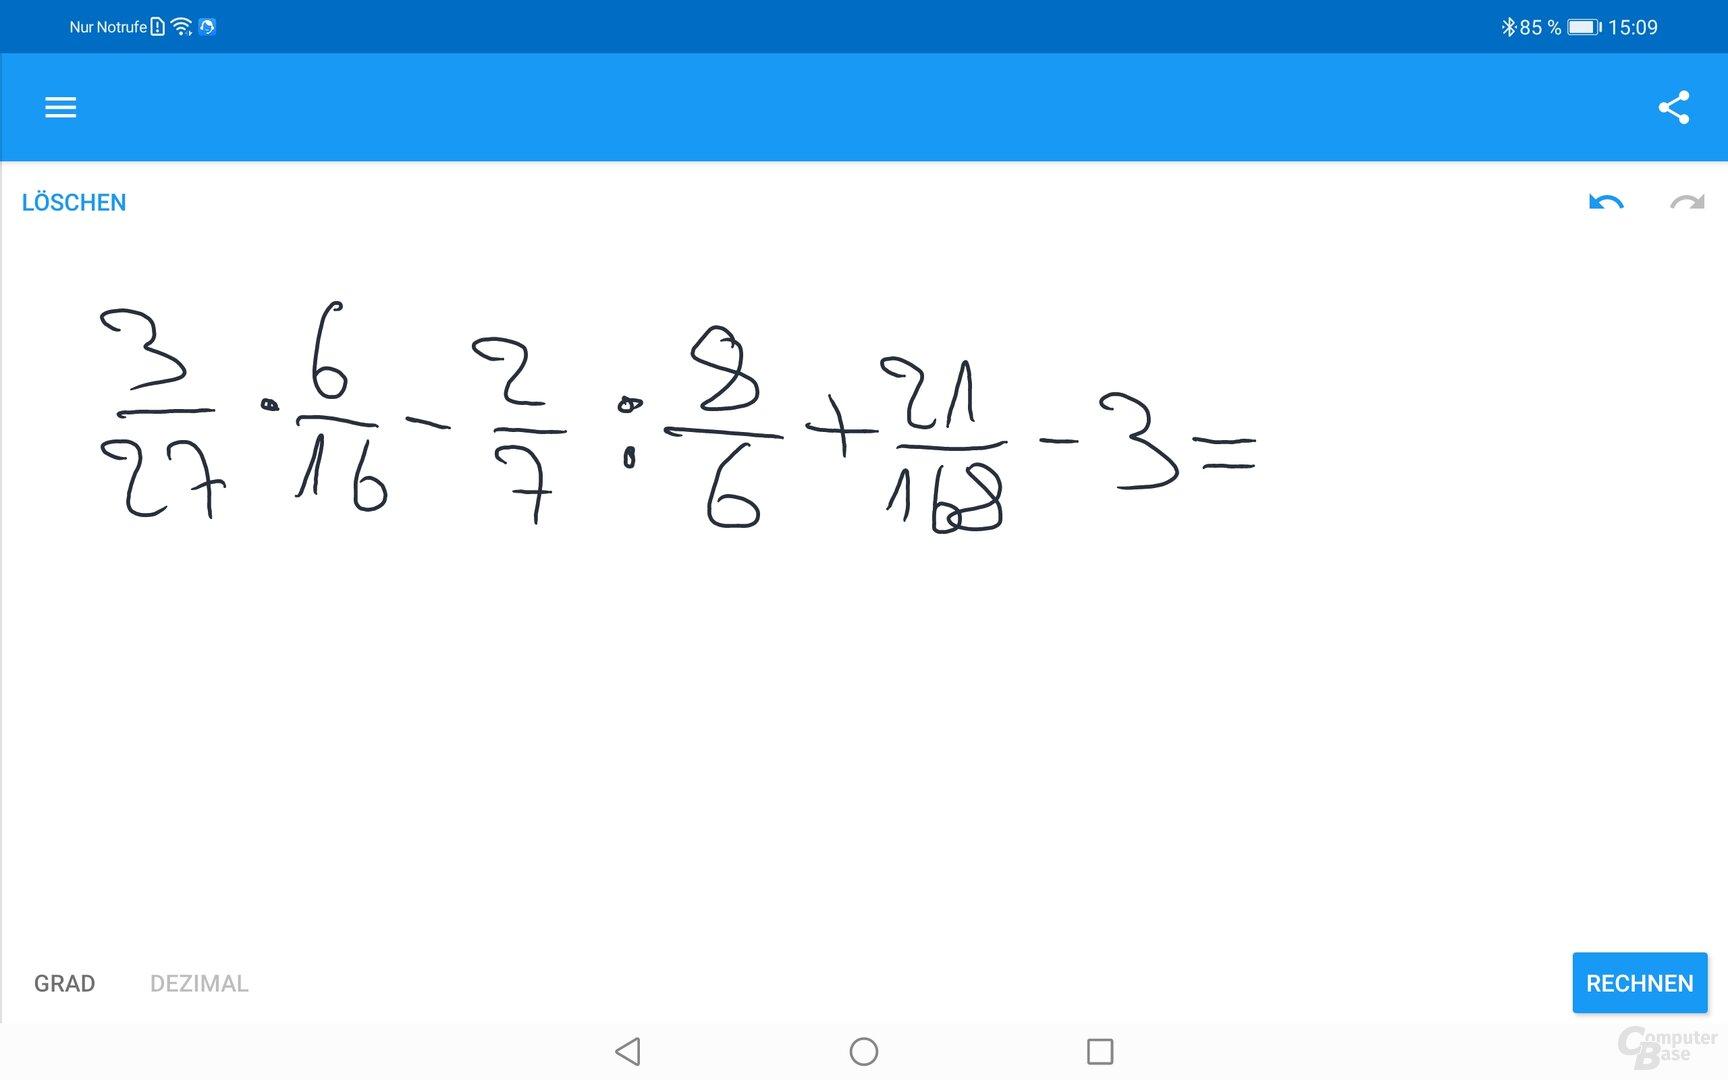 Mit einfacheren Eingaben hat der MyScript Calculator keine Probleme (wer möchte kann gerne nachrechnen)